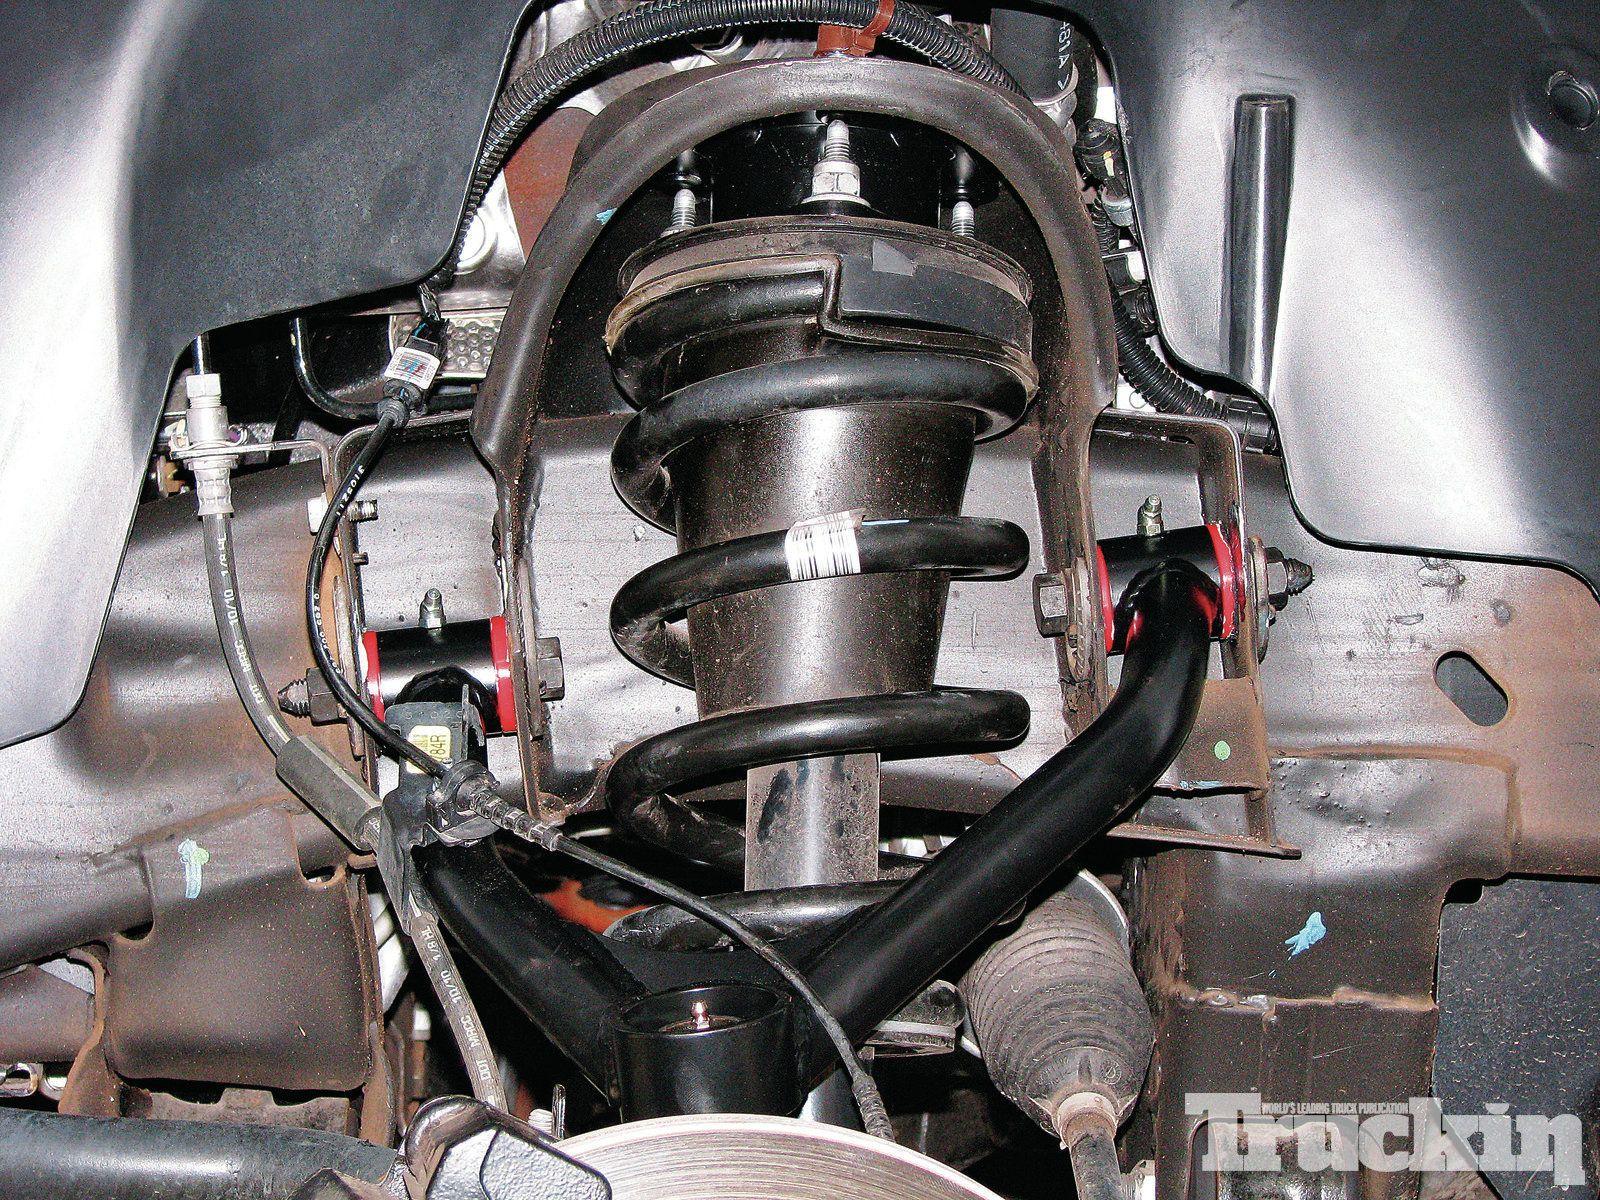 medium resolution of 1207tr 08 2011 chevy silverado front suspension